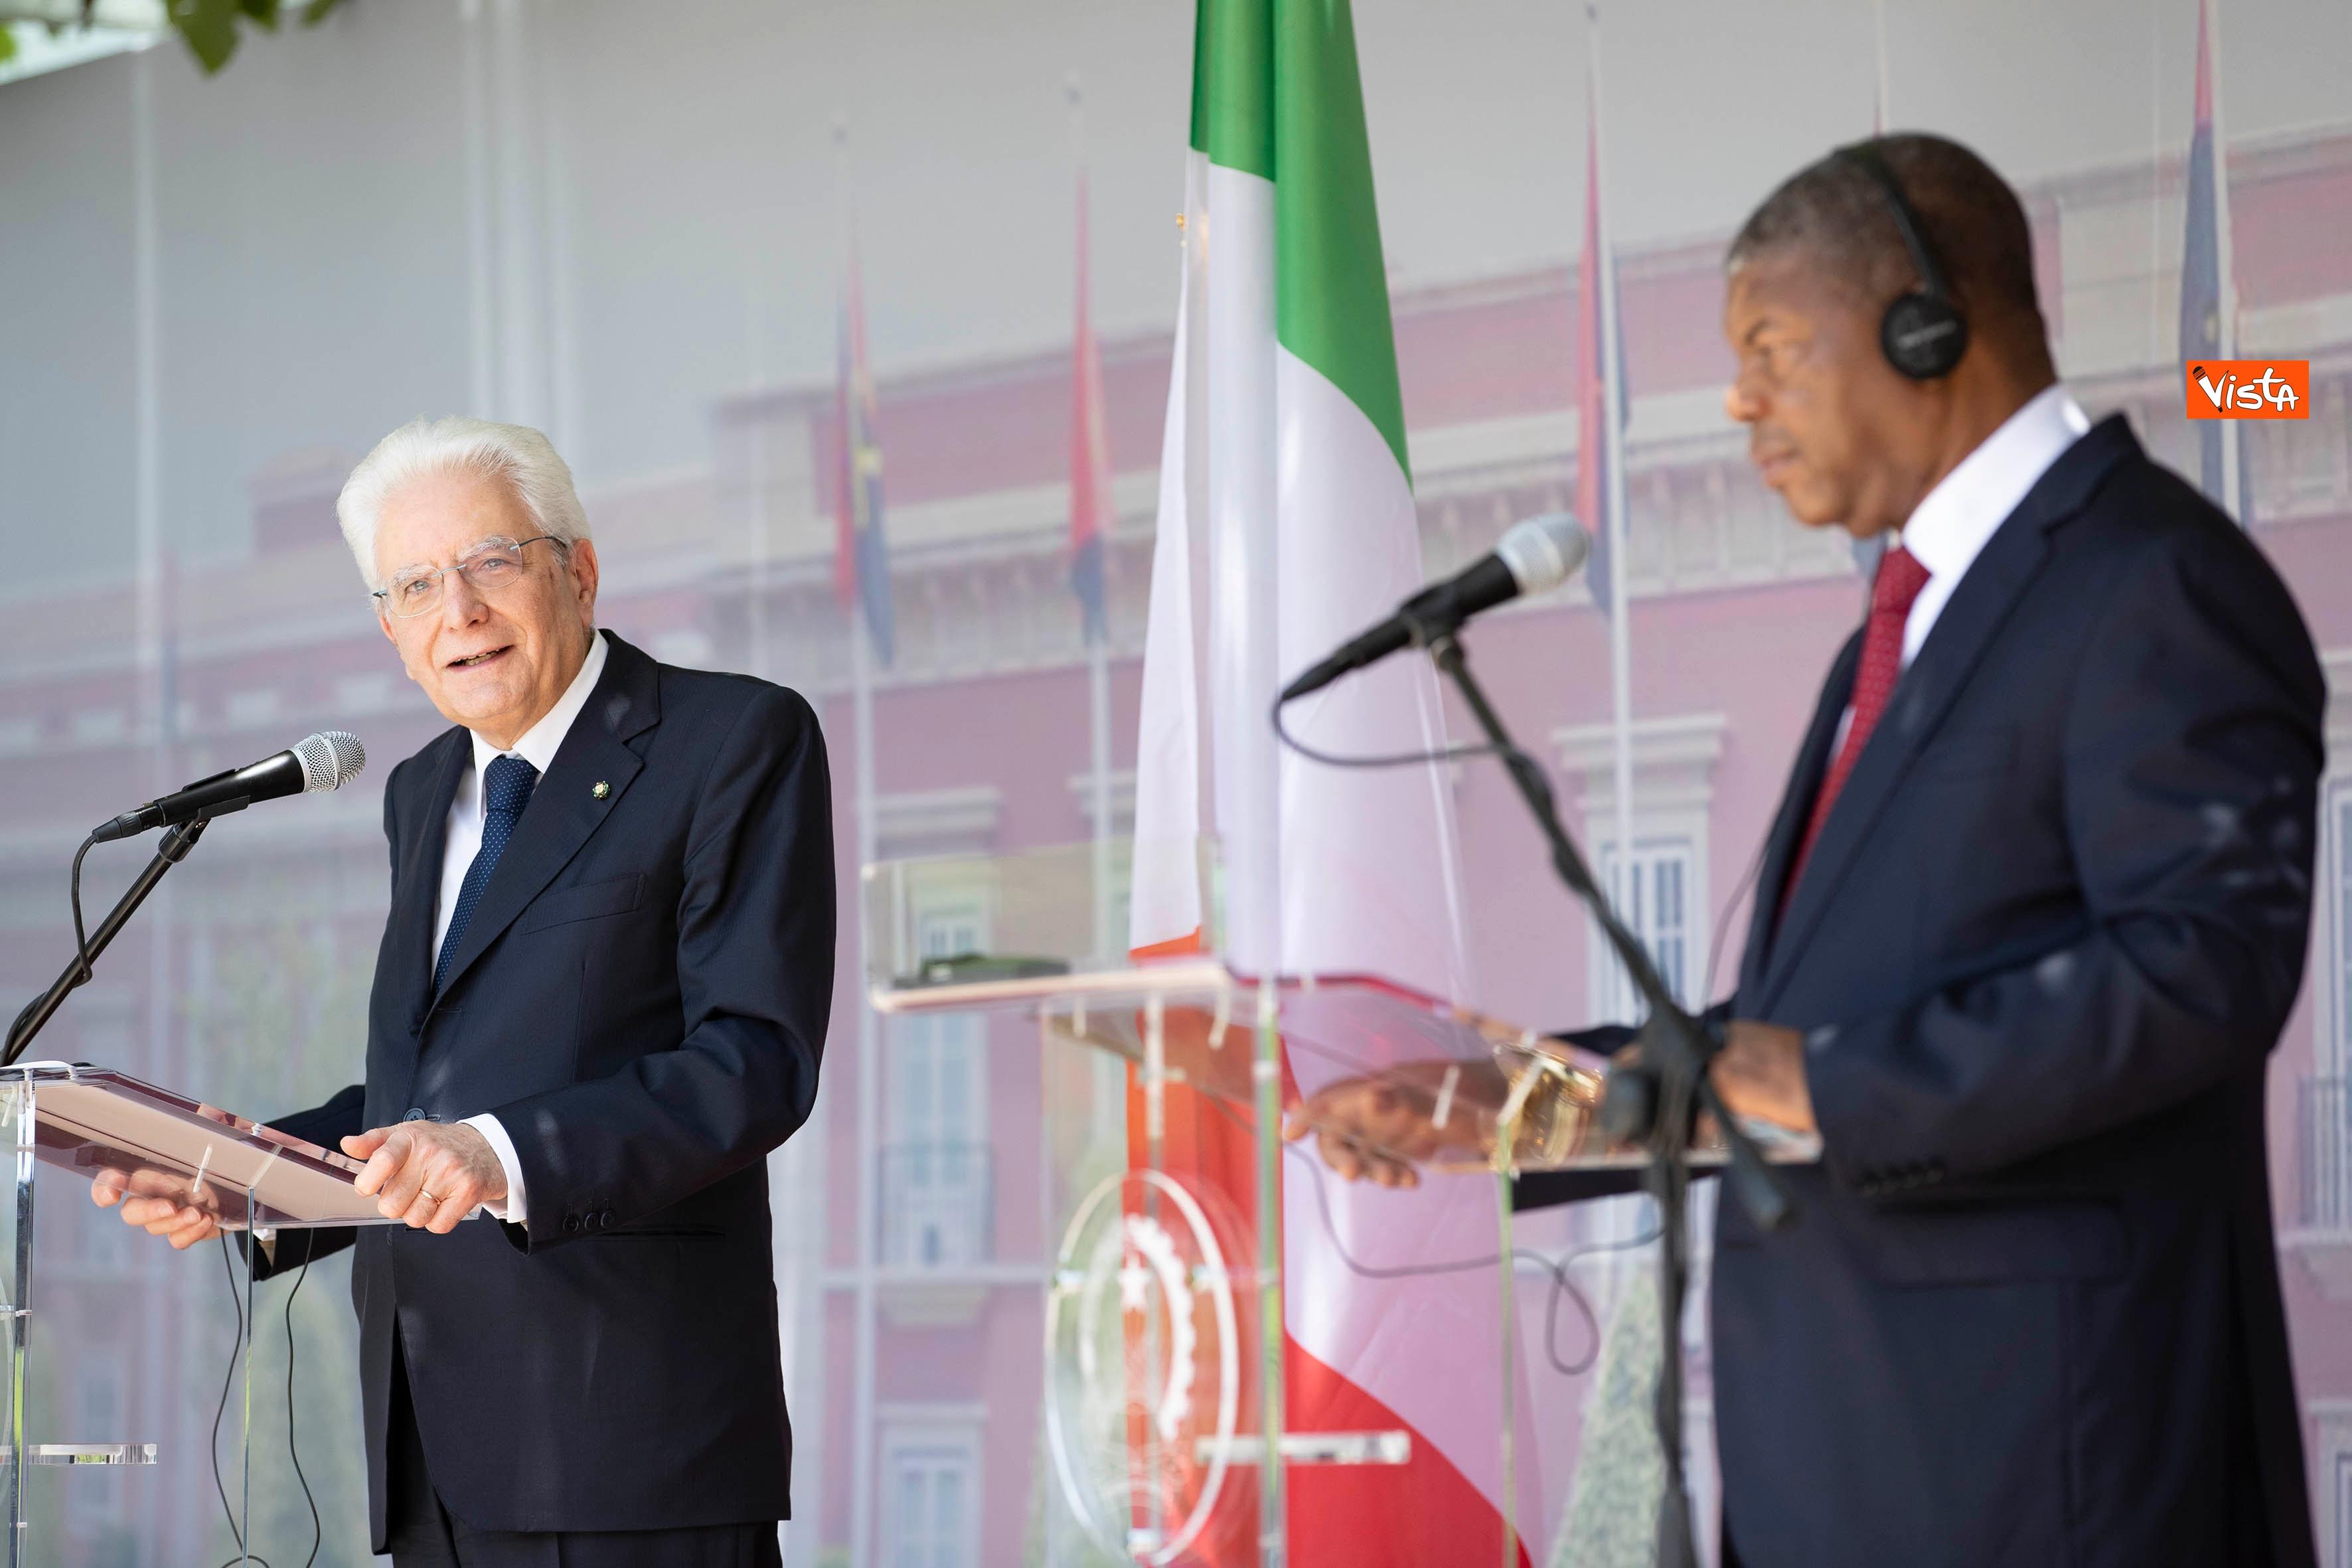 06-02-19 Mattarella con il presidente della Repubblica d'Angola Joao Lourenco_05